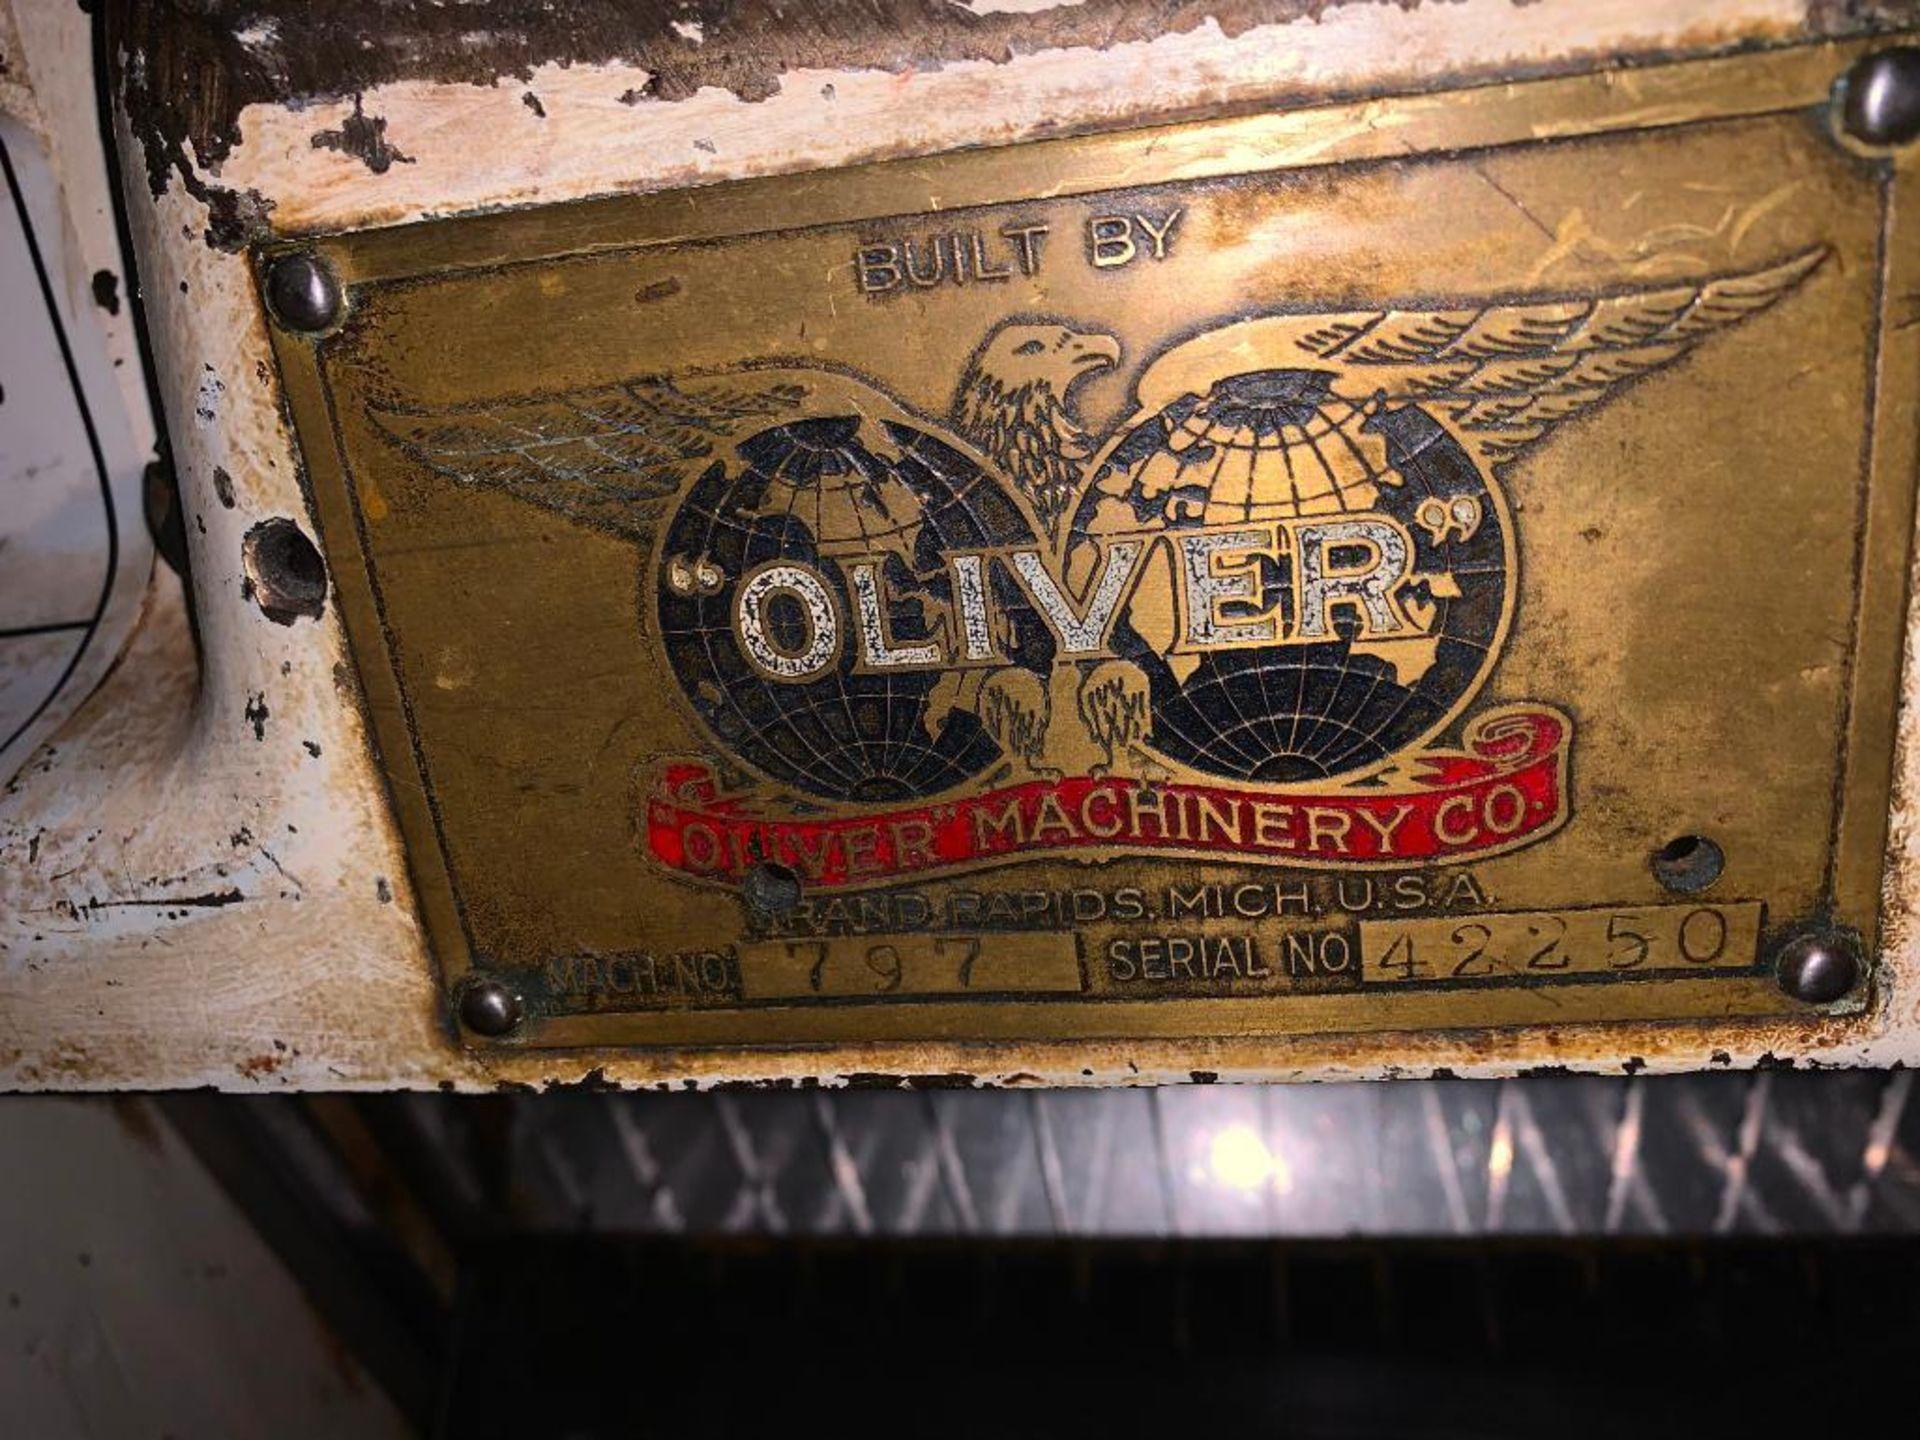 Oliver bread loaf slicer, model 797 - Image 3 of 3